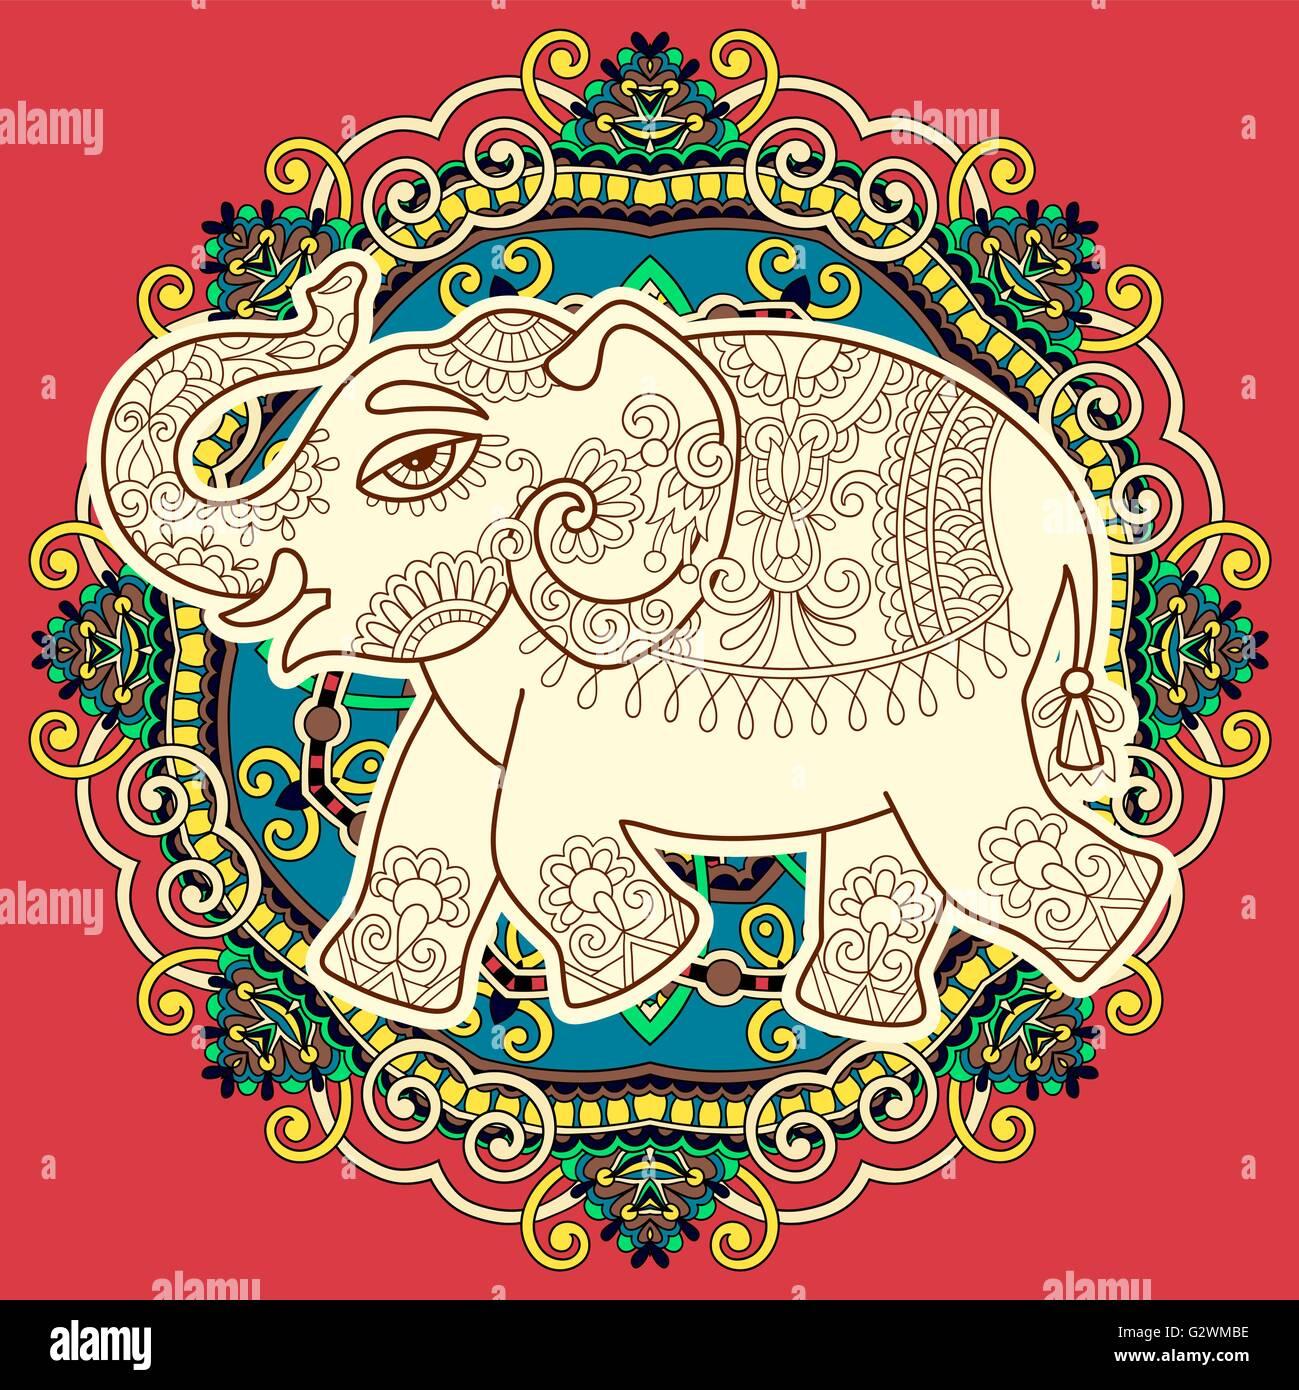 Dibujo De Elefantes Indios En Círculo Floral Paisley Ilustración Del